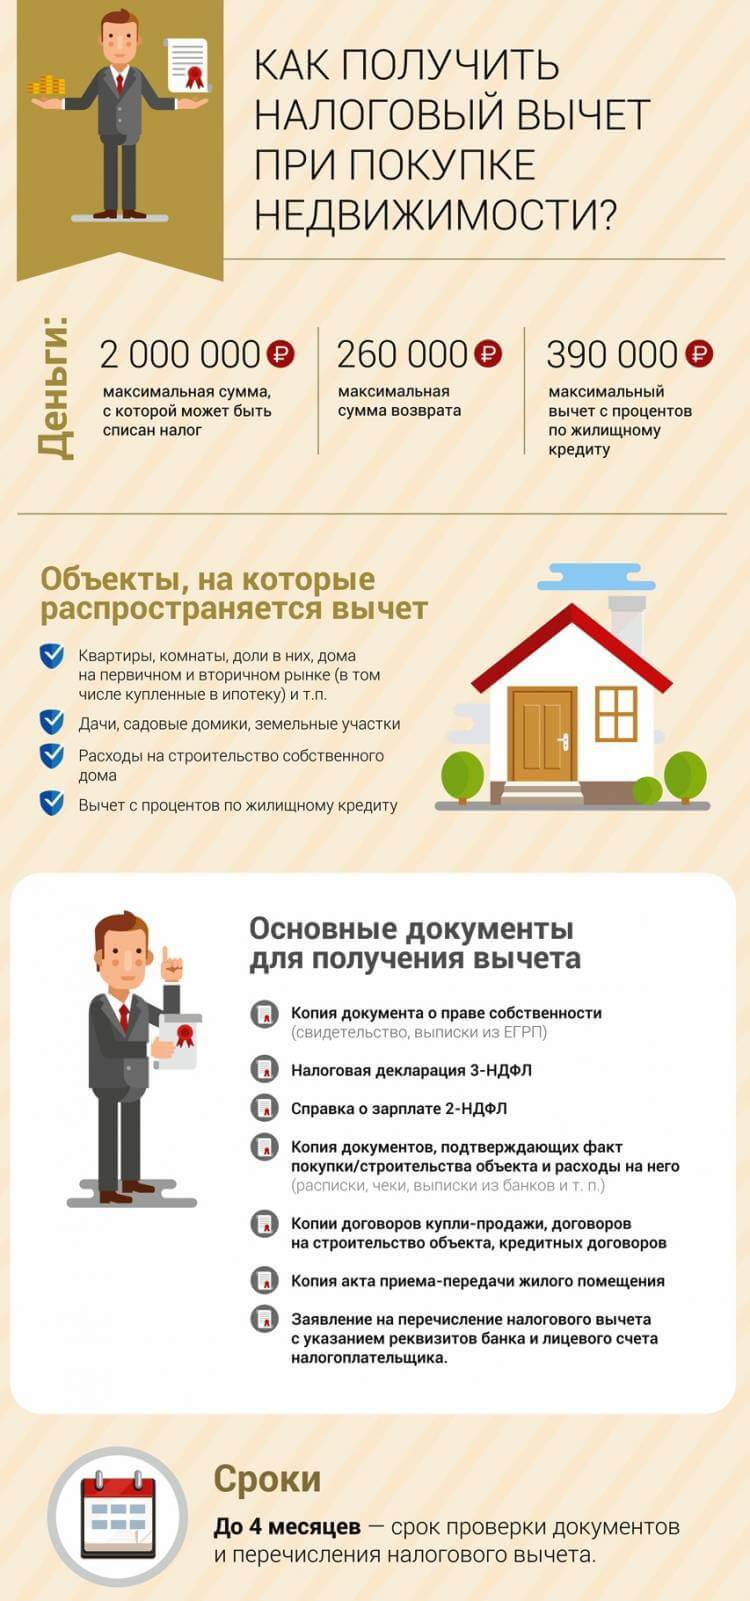 12 секретов - как проверить юридическую чистоту квартиры перед покупкой